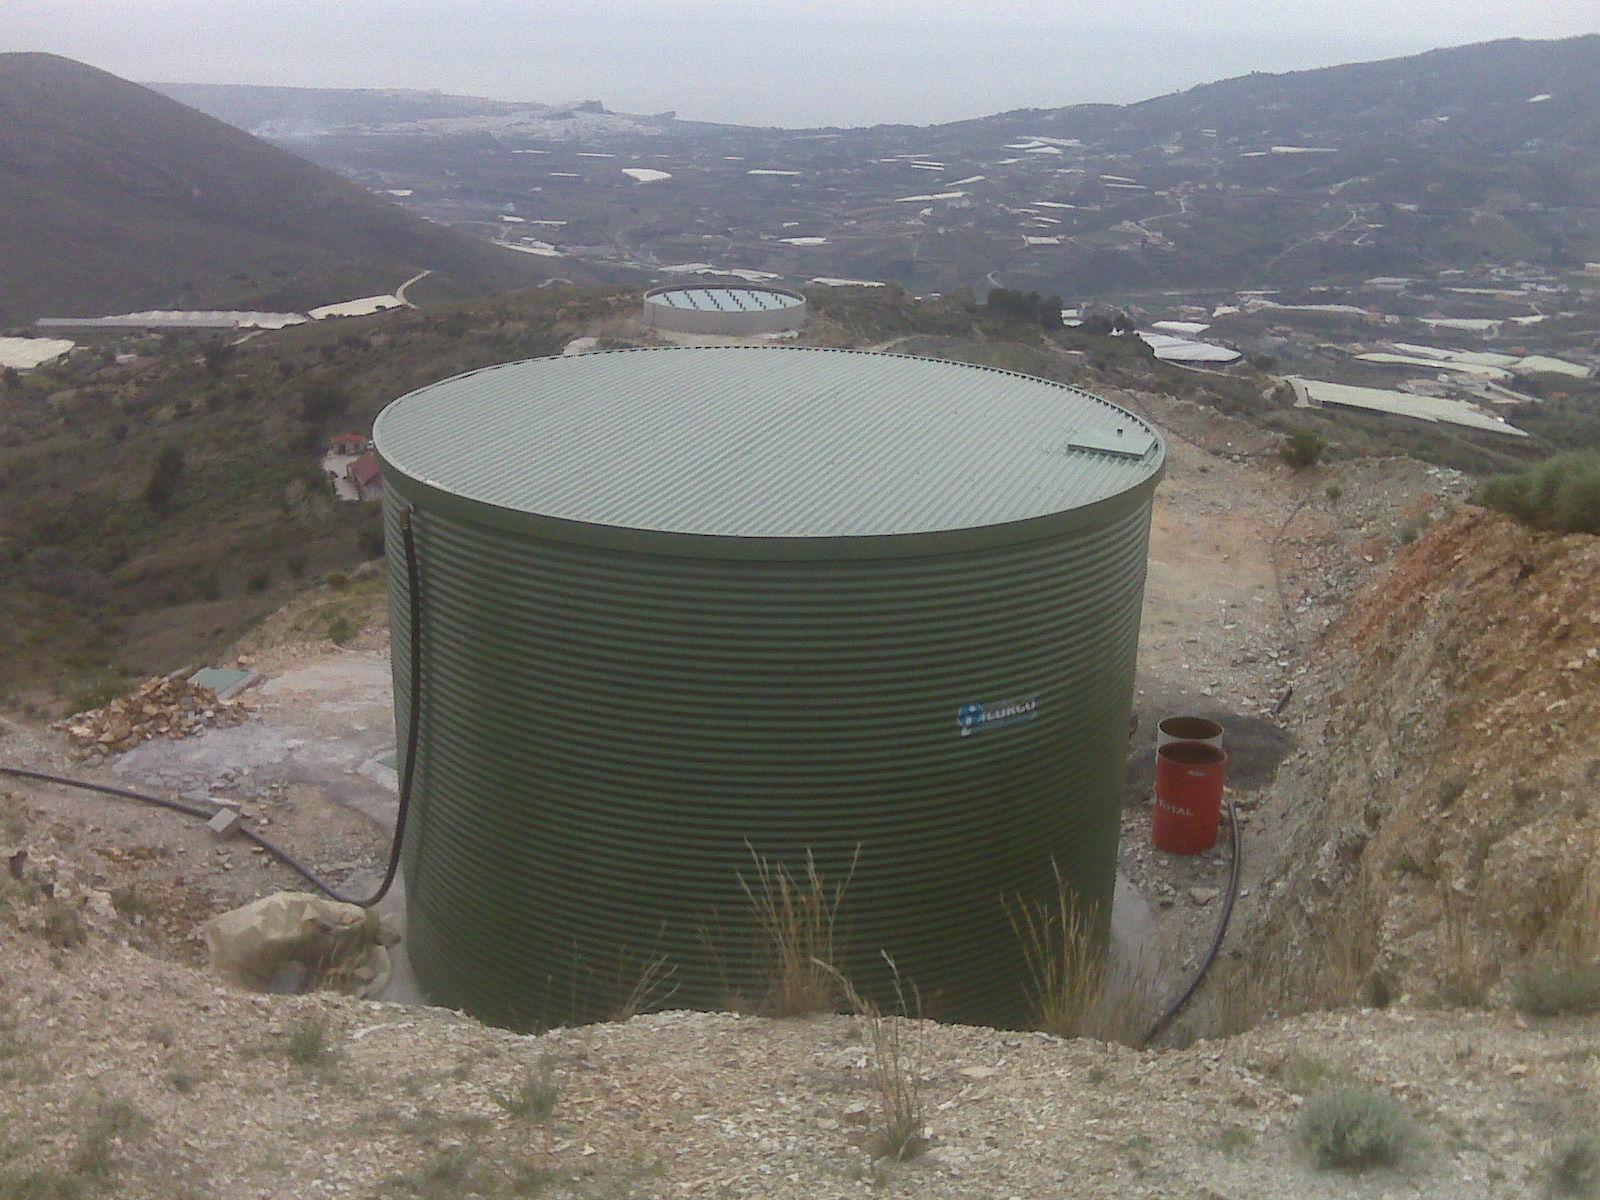 deposito de agua para riego